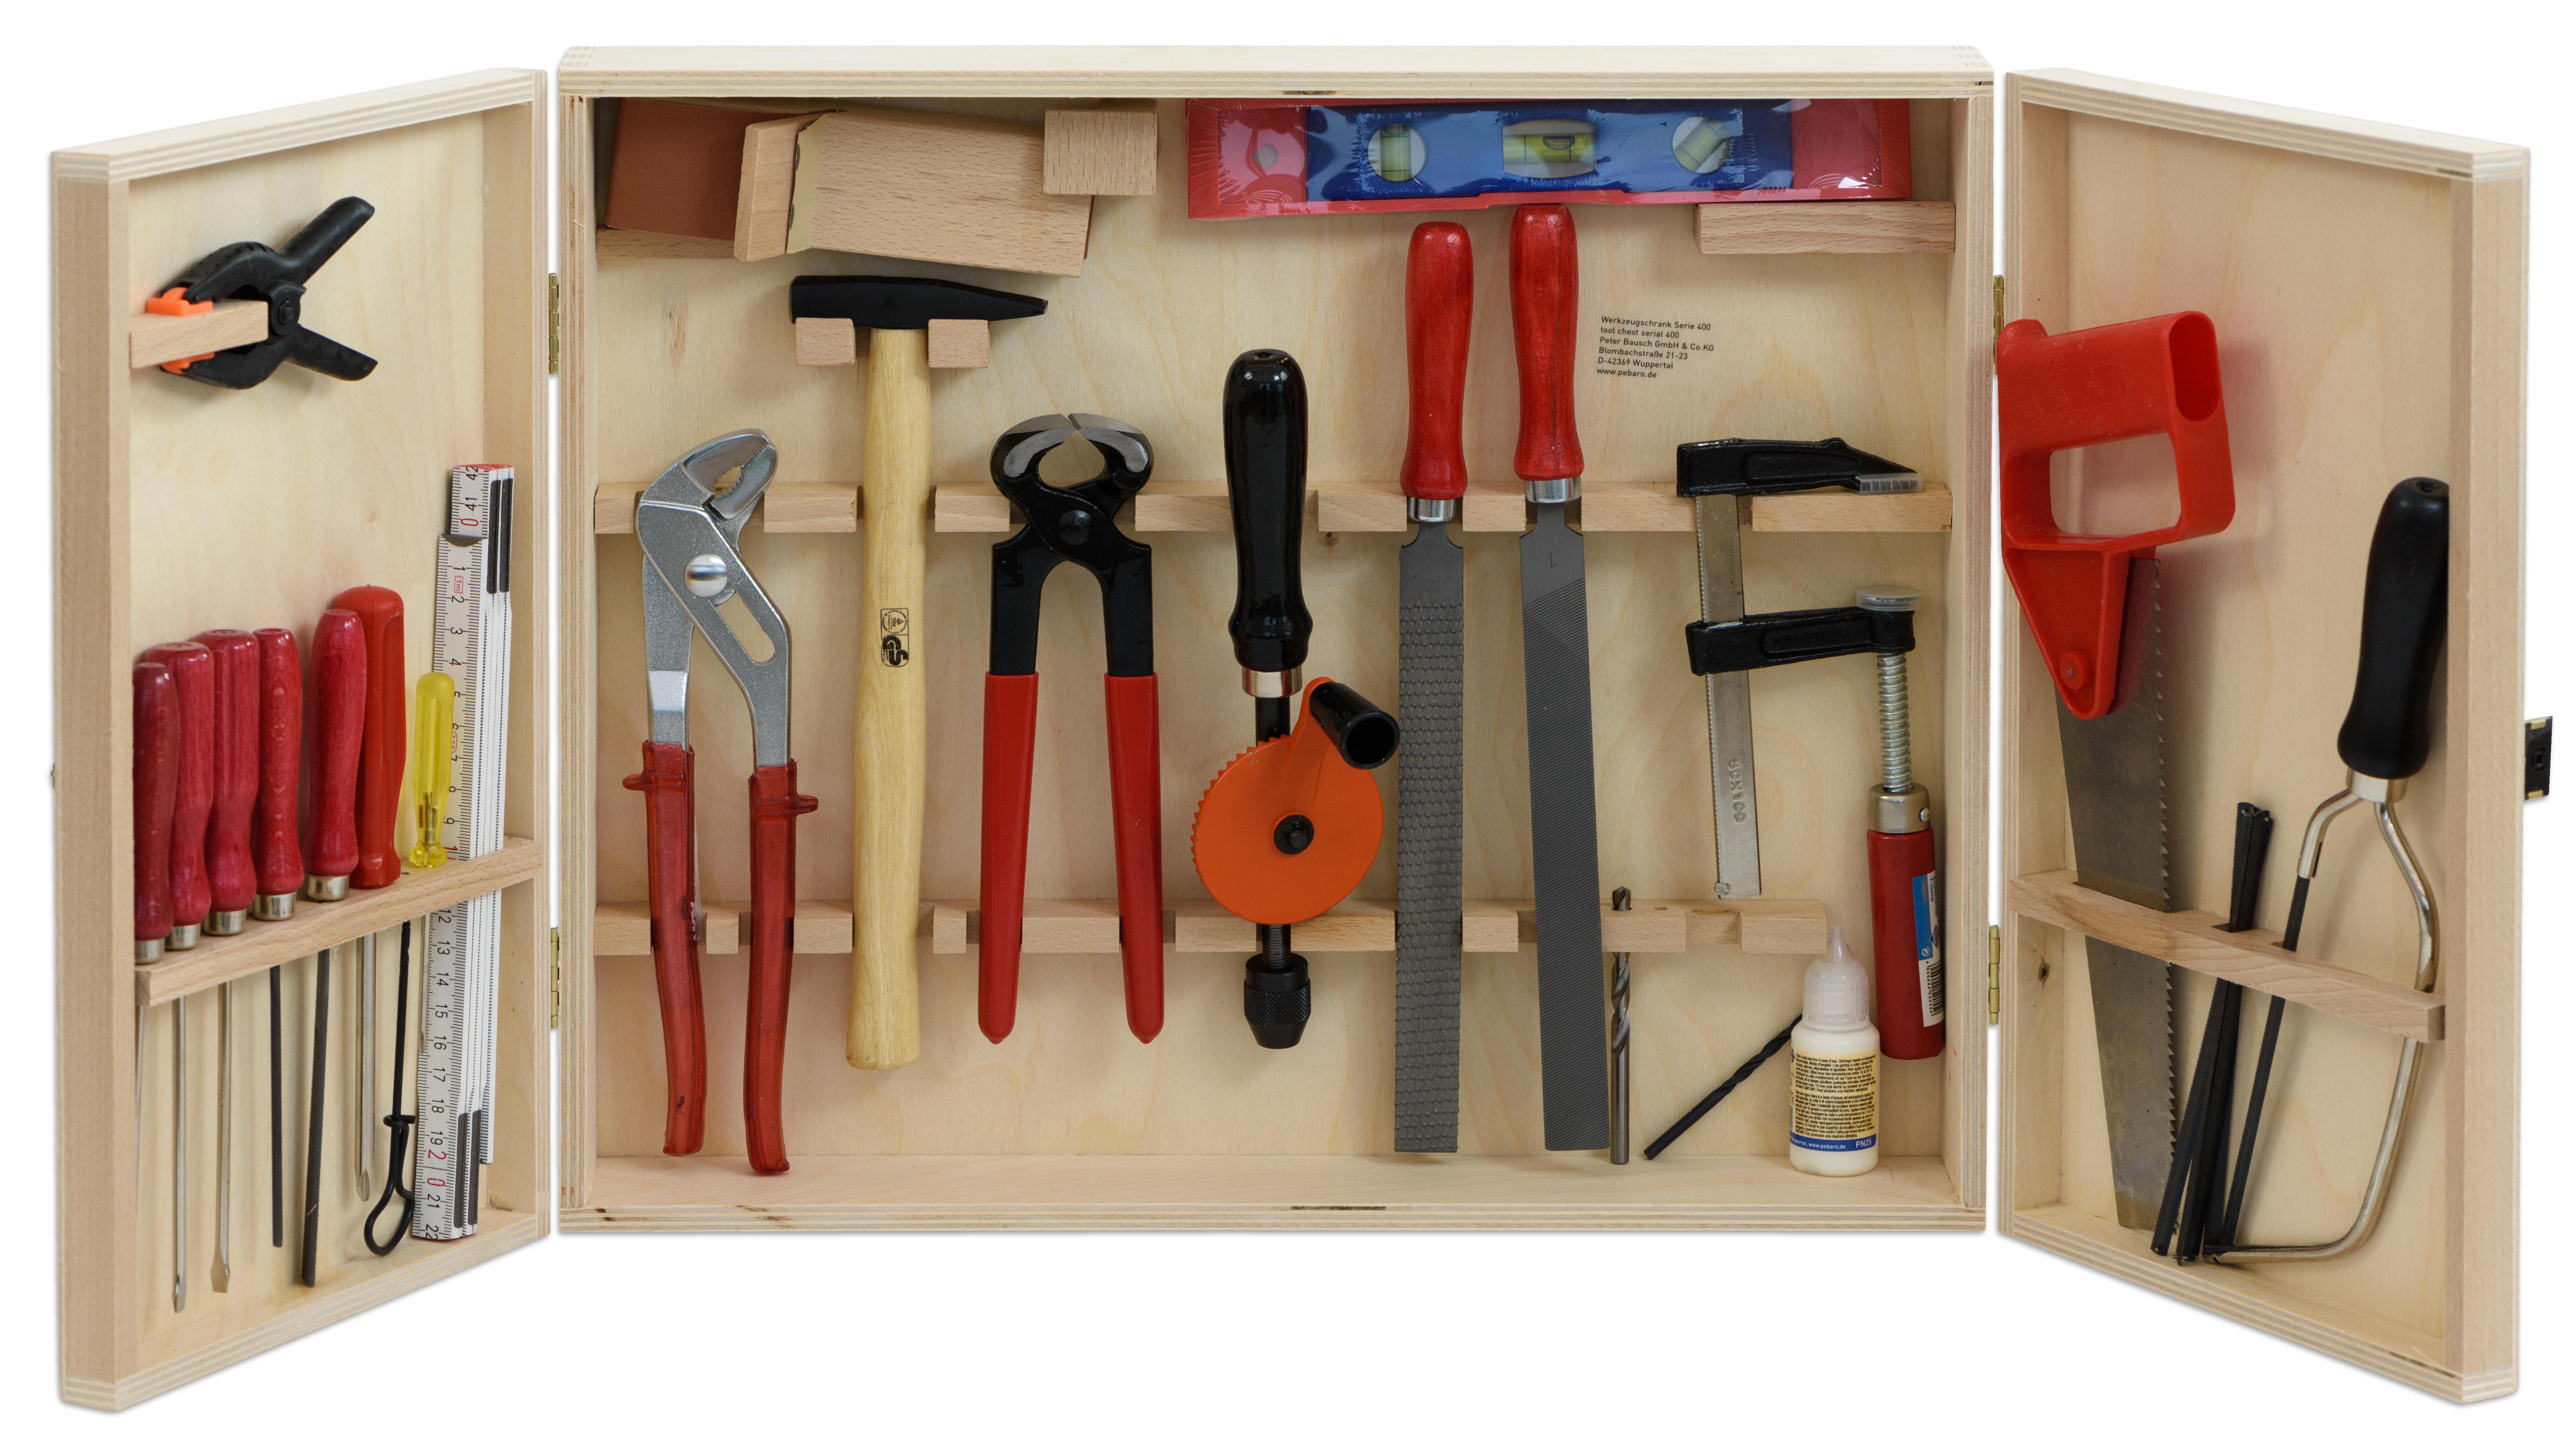 werkzeugschrank holzschrank mit werkzeug f r kinder basteln ebay. Black Bedroom Furniture Sets. Home Design Ideas